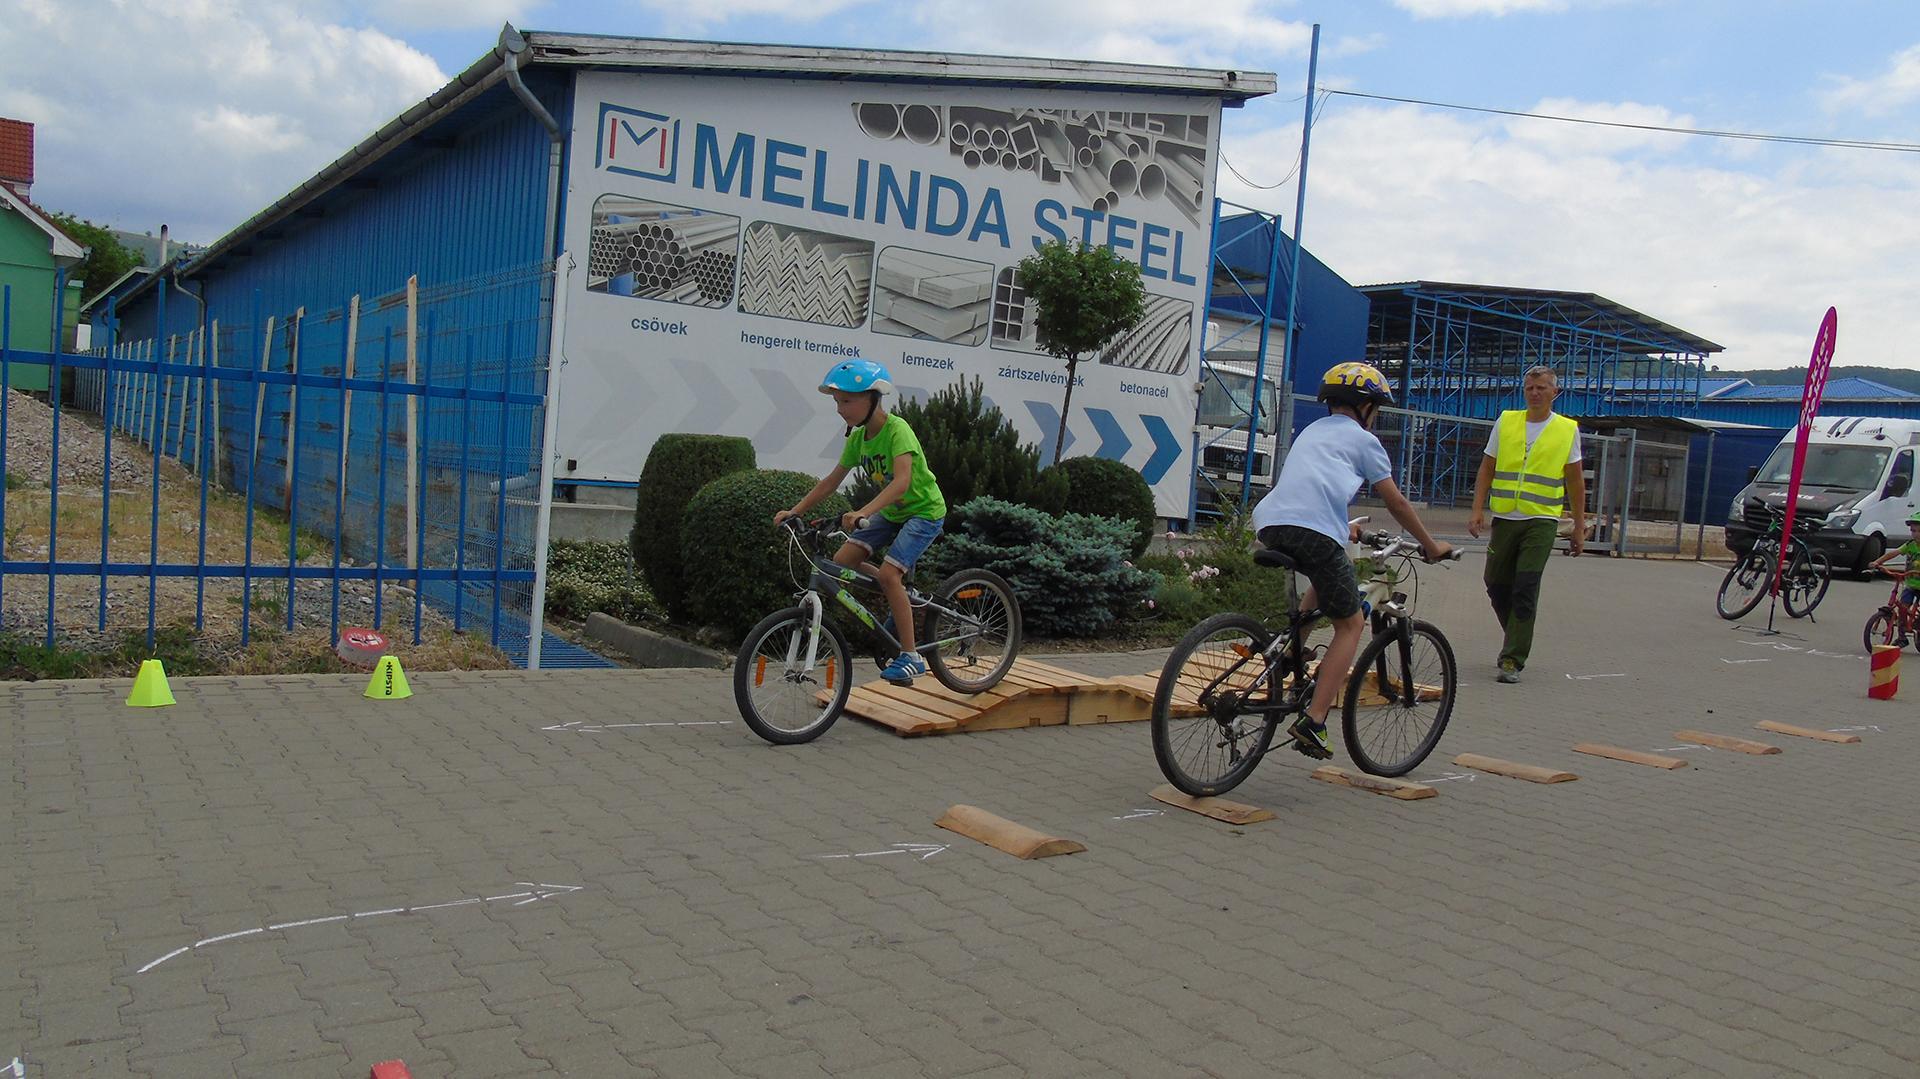 Melinda csaladi nap biciklisek